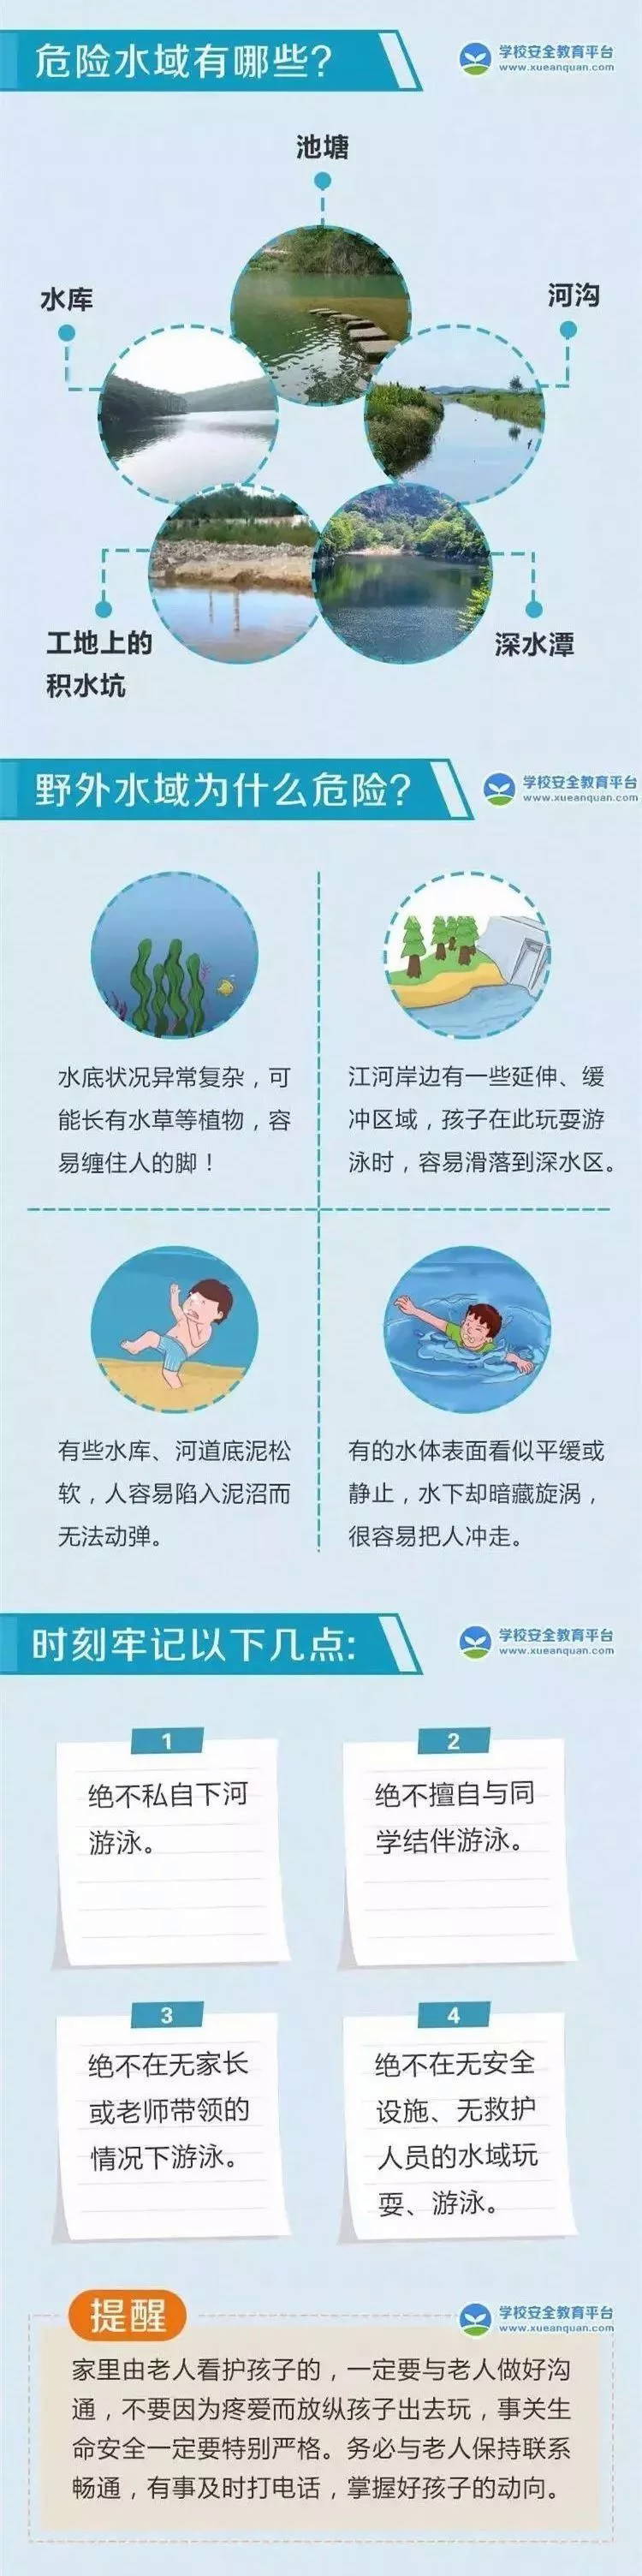 溺水事故进入高发期!这节防溺水安全课一定要上